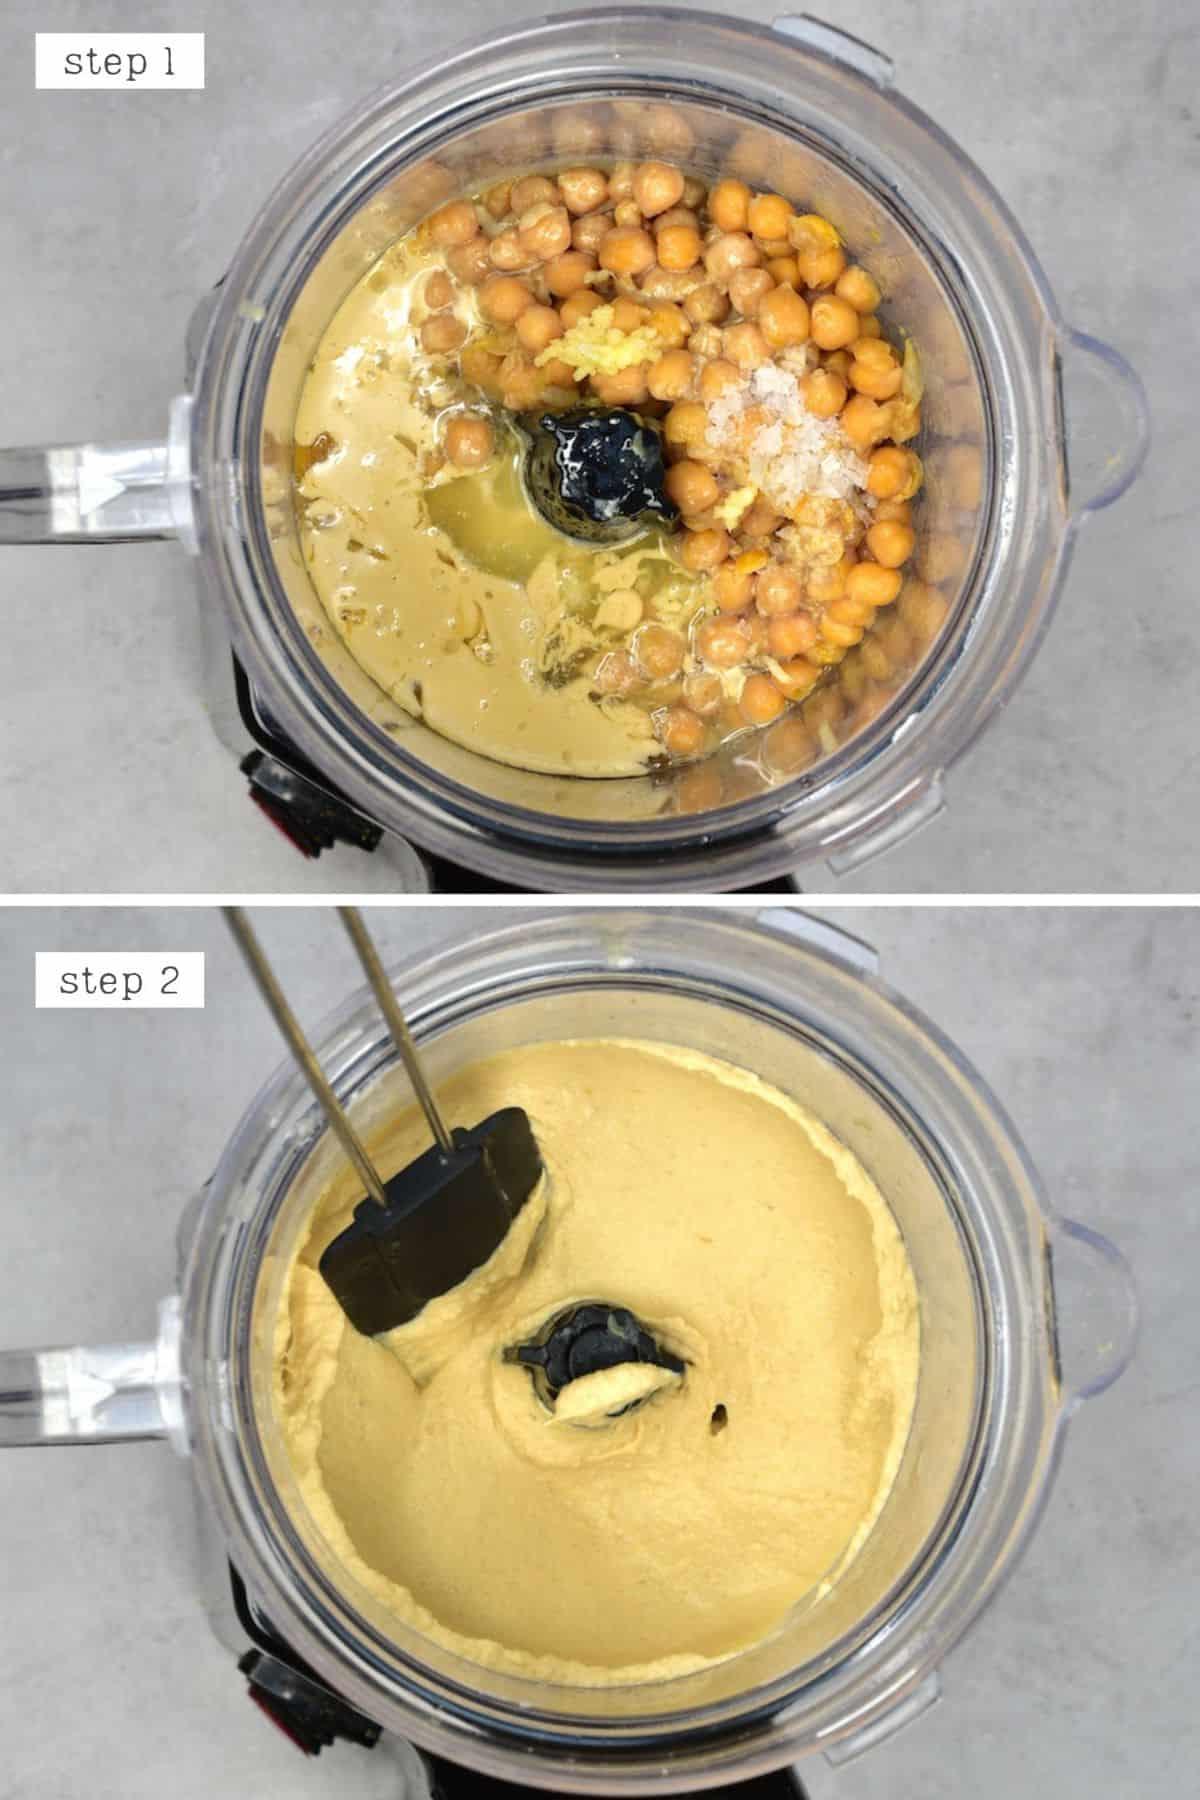 Steps for blending hummus